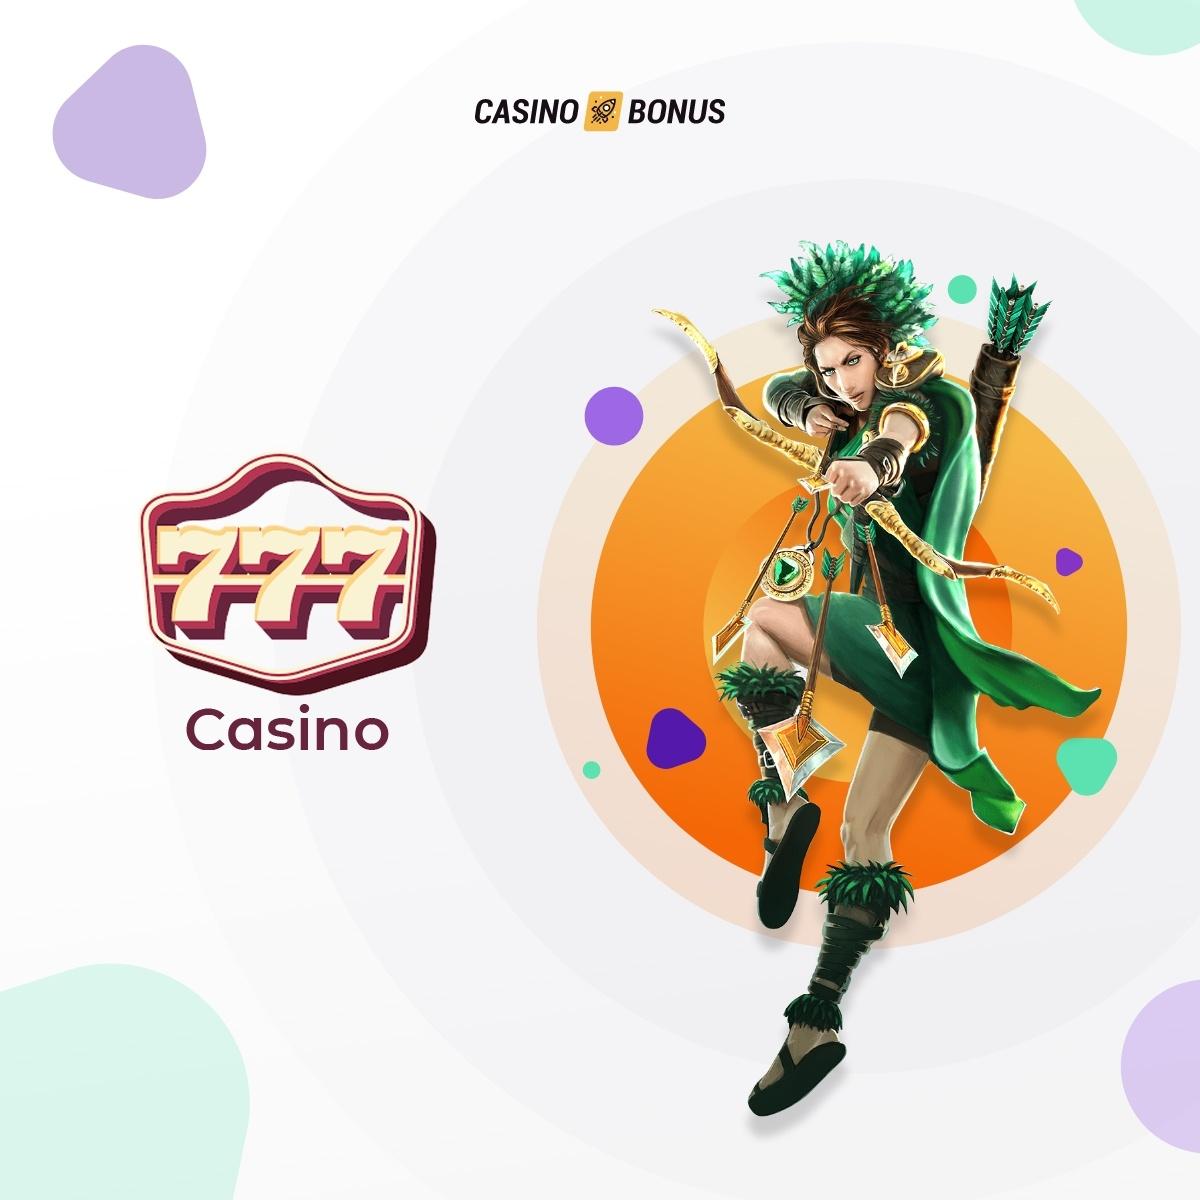 Voodoo casino no deposit